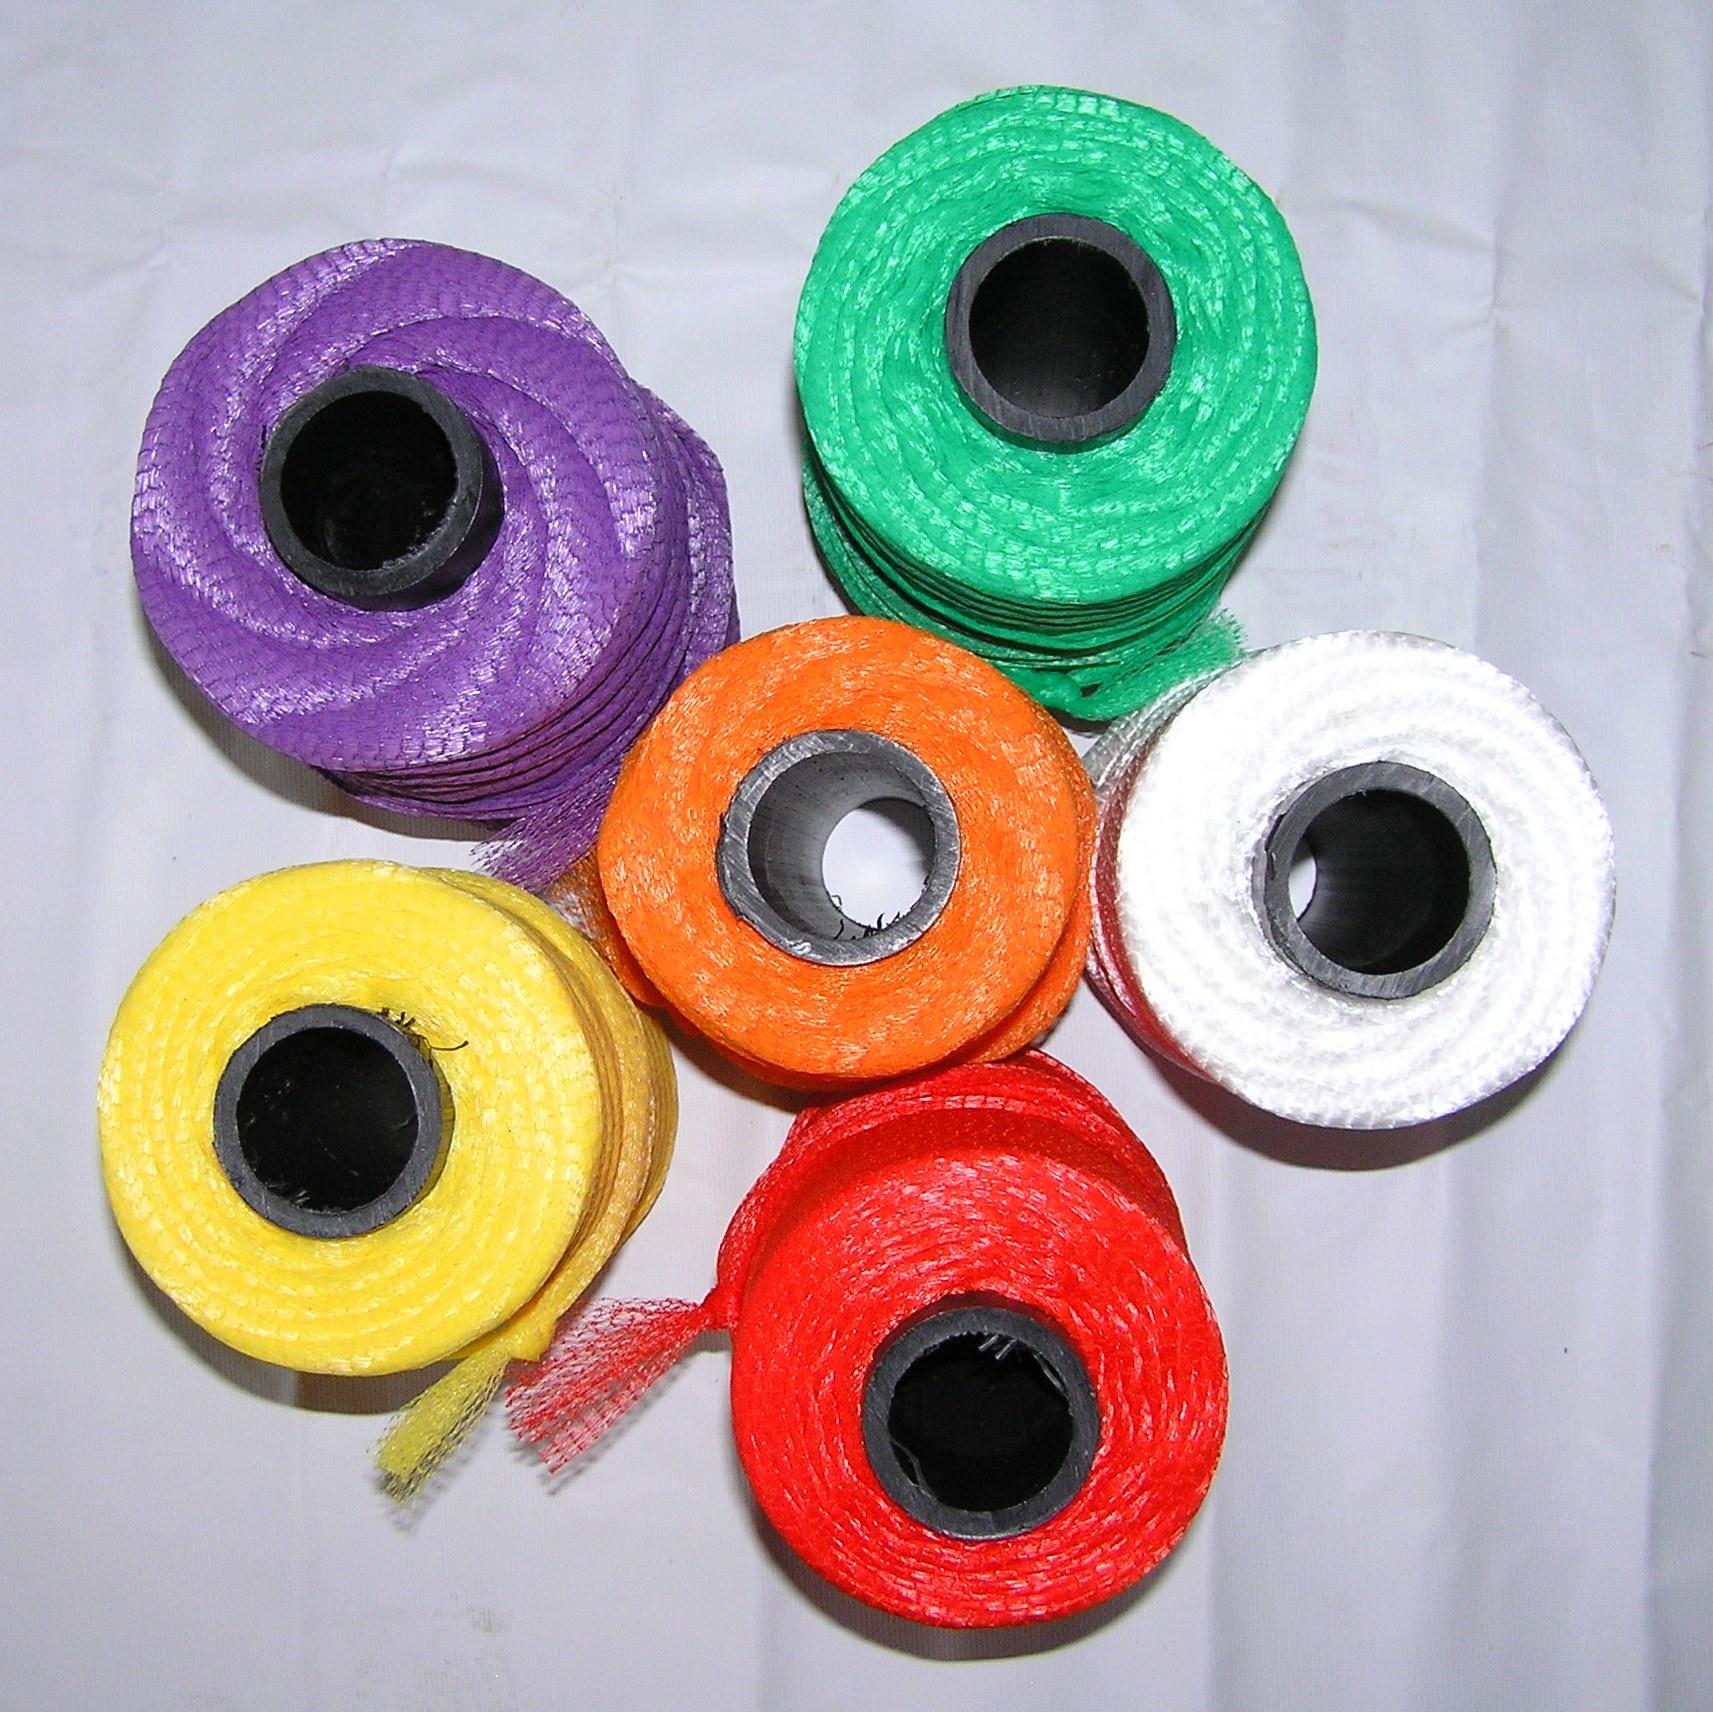 Купить сетку для упаковки в Москве от компании «Оптимальное соотношение».